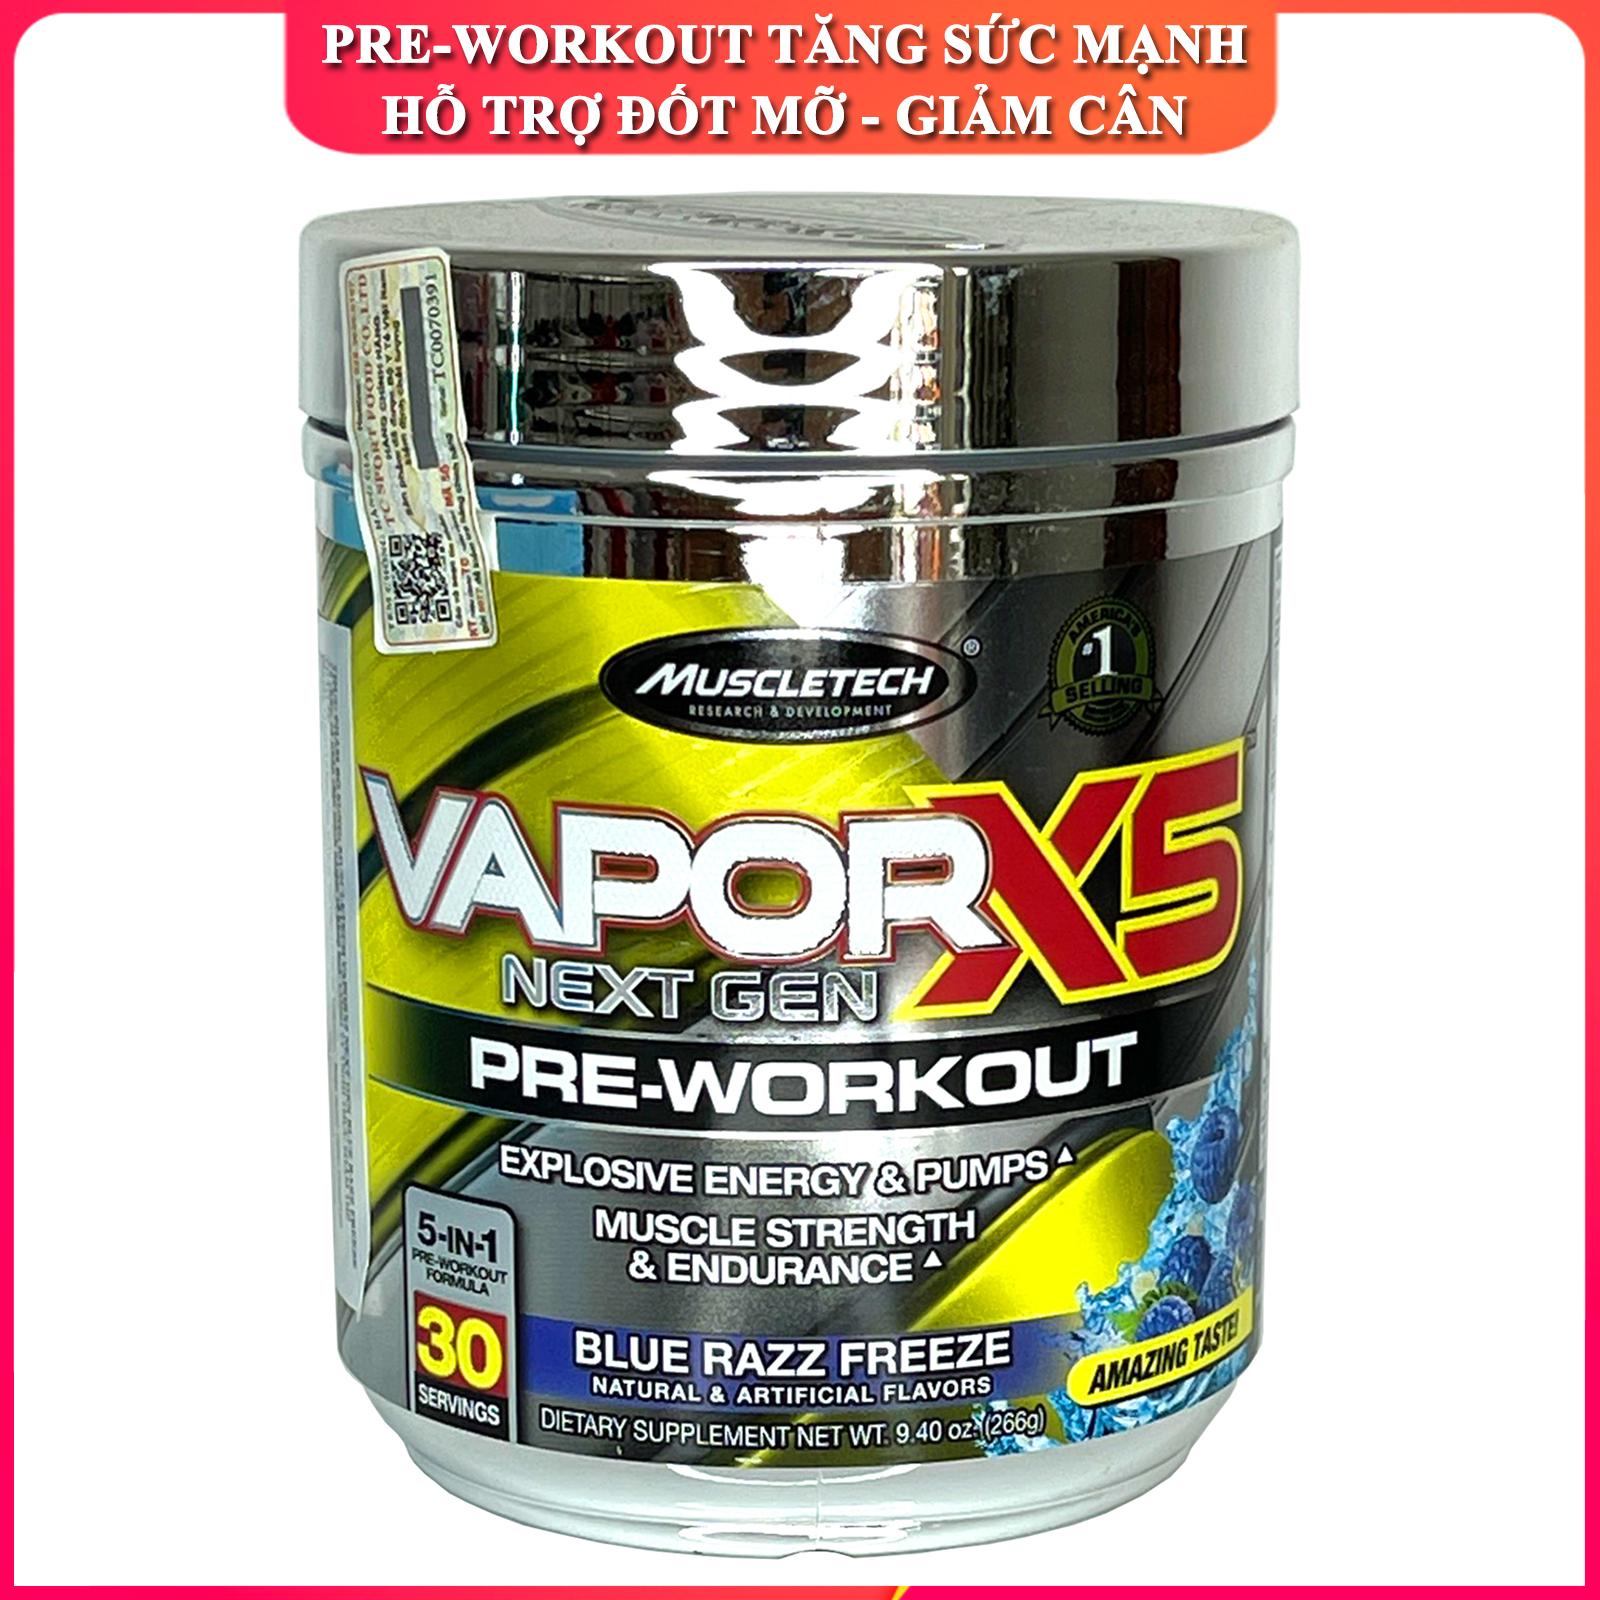 Pre-Workout tăng sức mạnh sức bền trước tập hỗ trợ giảm cân đốt mỡ Vapor X5 của MuscleTech hộp 30 lần dùng cho người tập gym và chơi thể thao - thực phẩm bổ sung